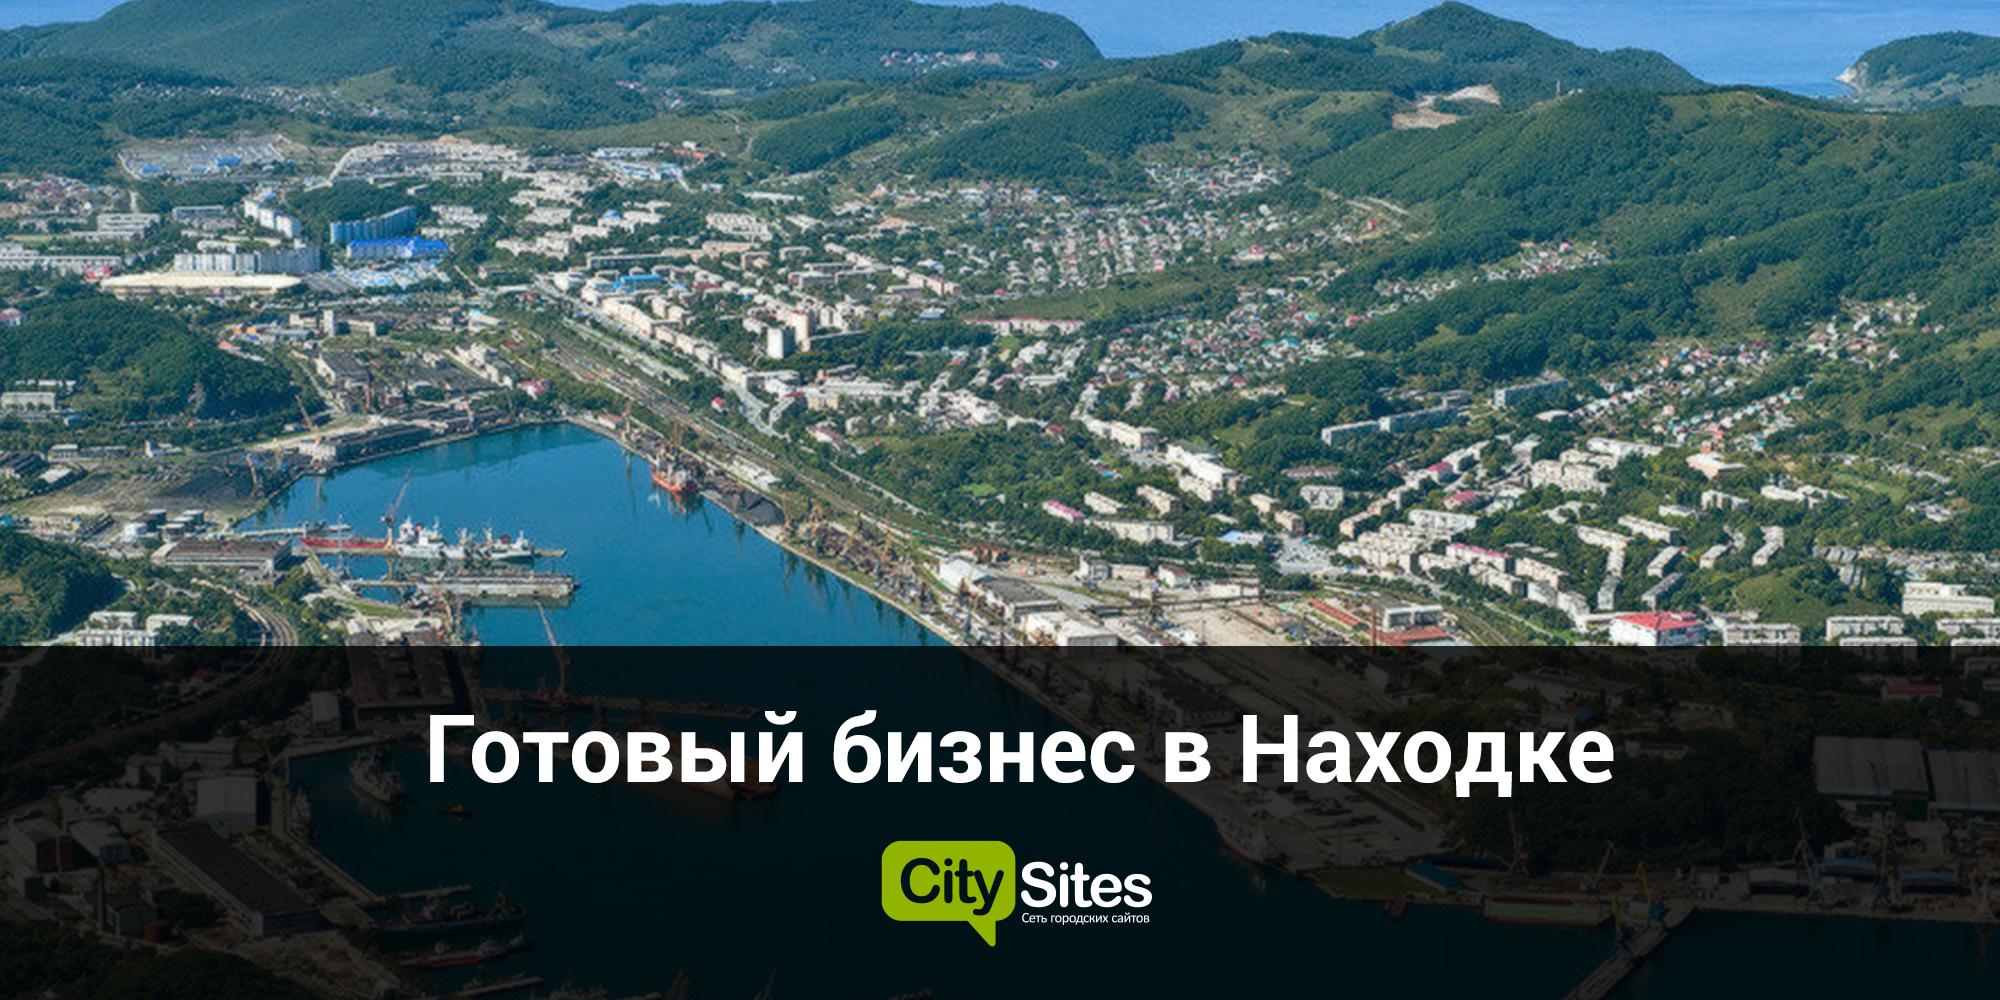 Готовый бизнес в Находке от CitySites